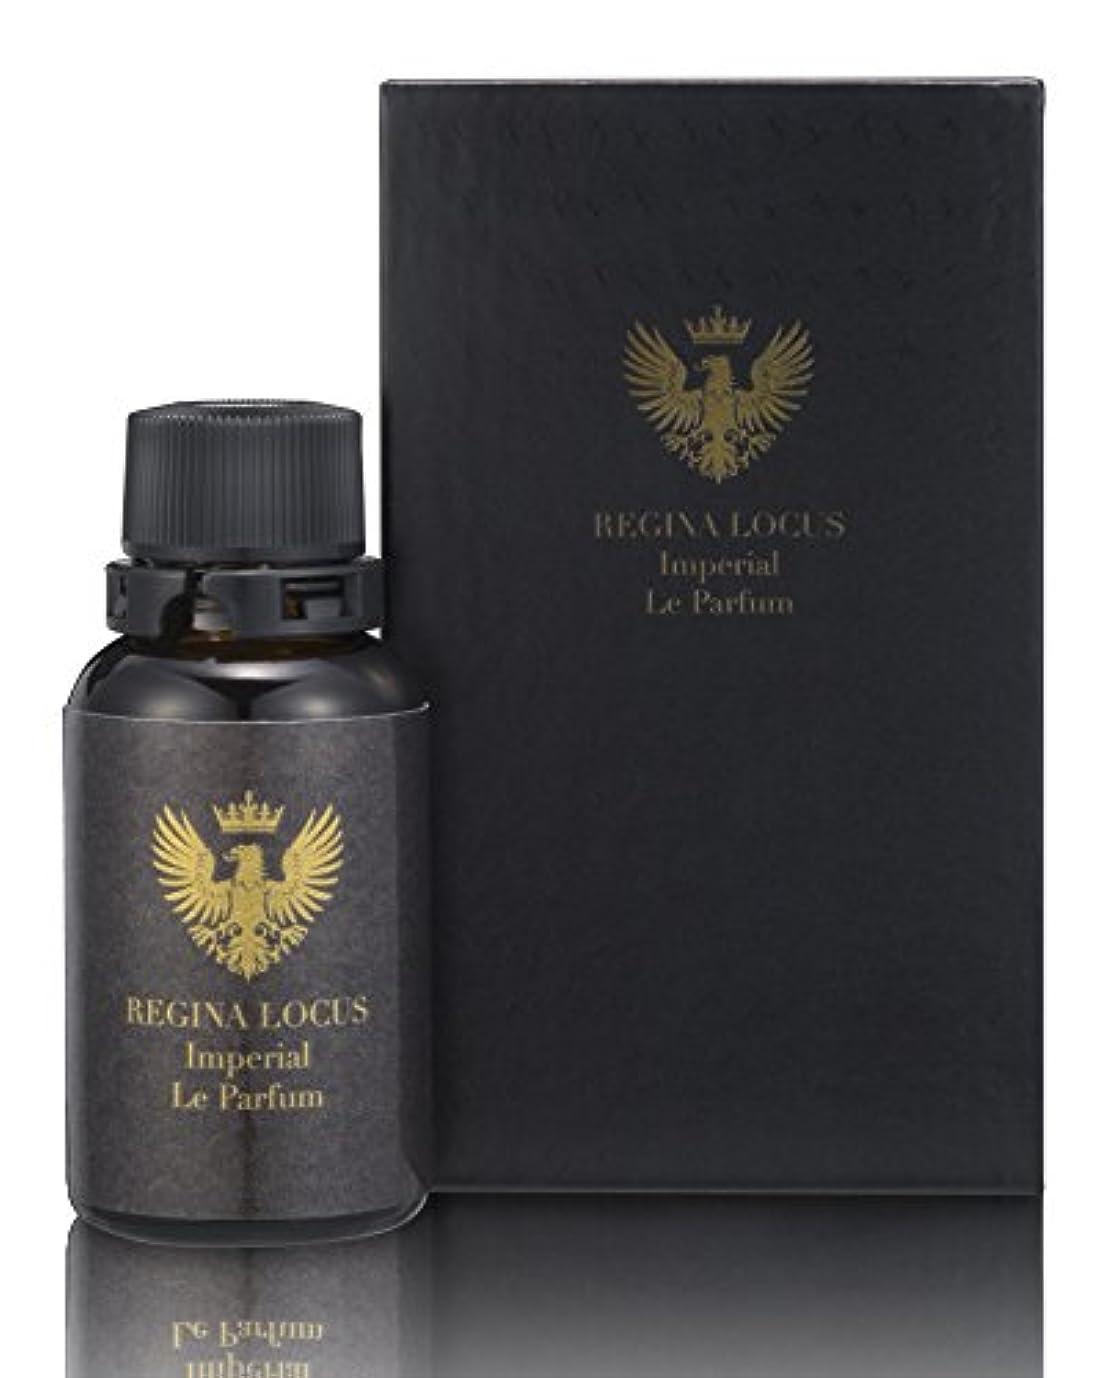 通り抜ける結果として王子メンズ 香水 紳士用 パフューム [ベルガモット ローズ シダーウッド] Imperial Le Parfum -ル パルファン- 30ml 【TENBUDO (旧REGINA LOCUS MEN)】